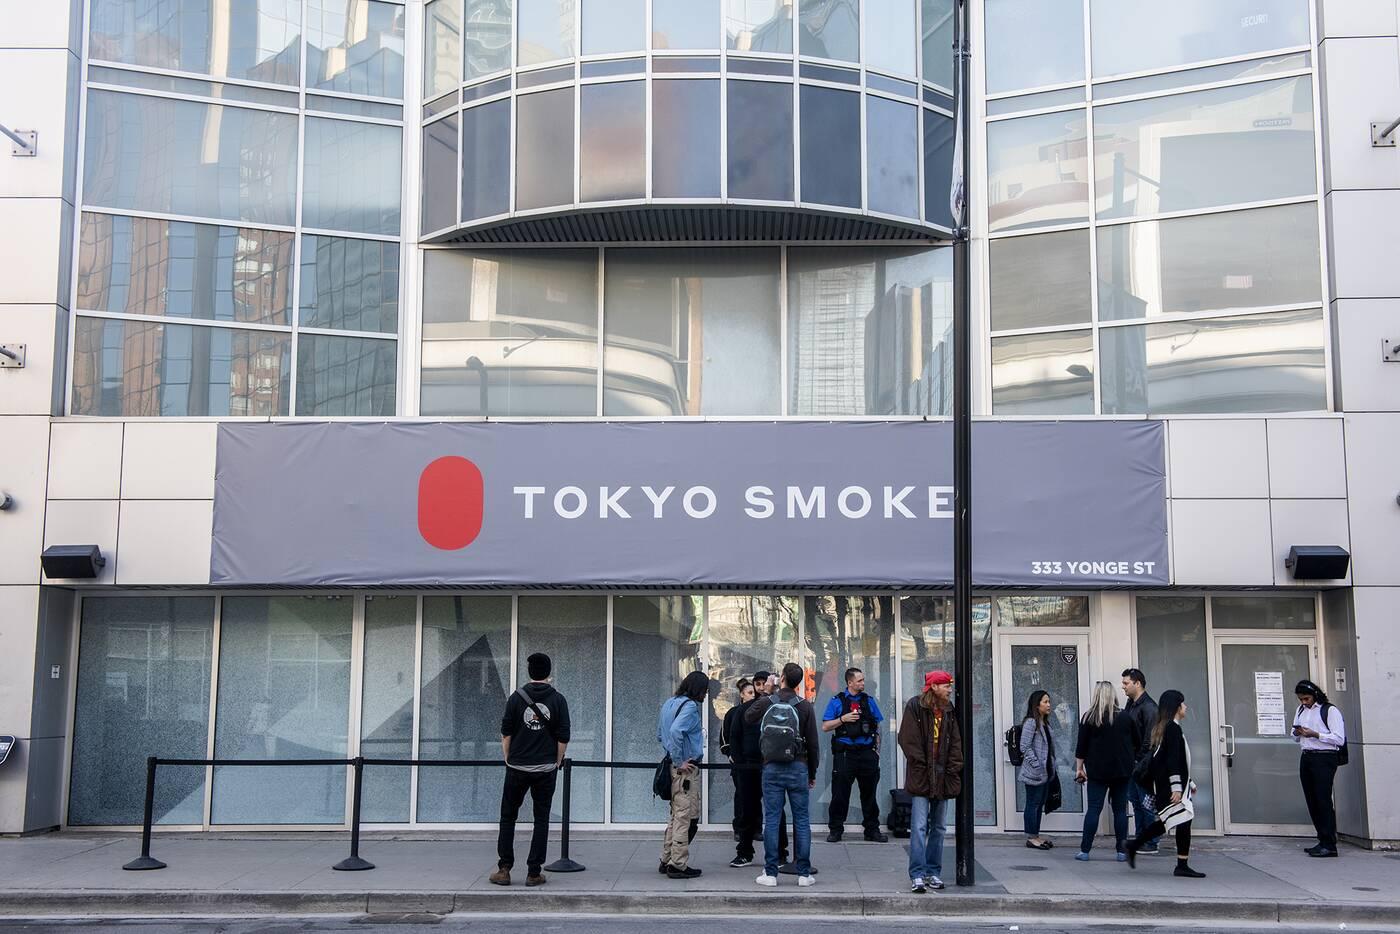 东京烟永多伦多